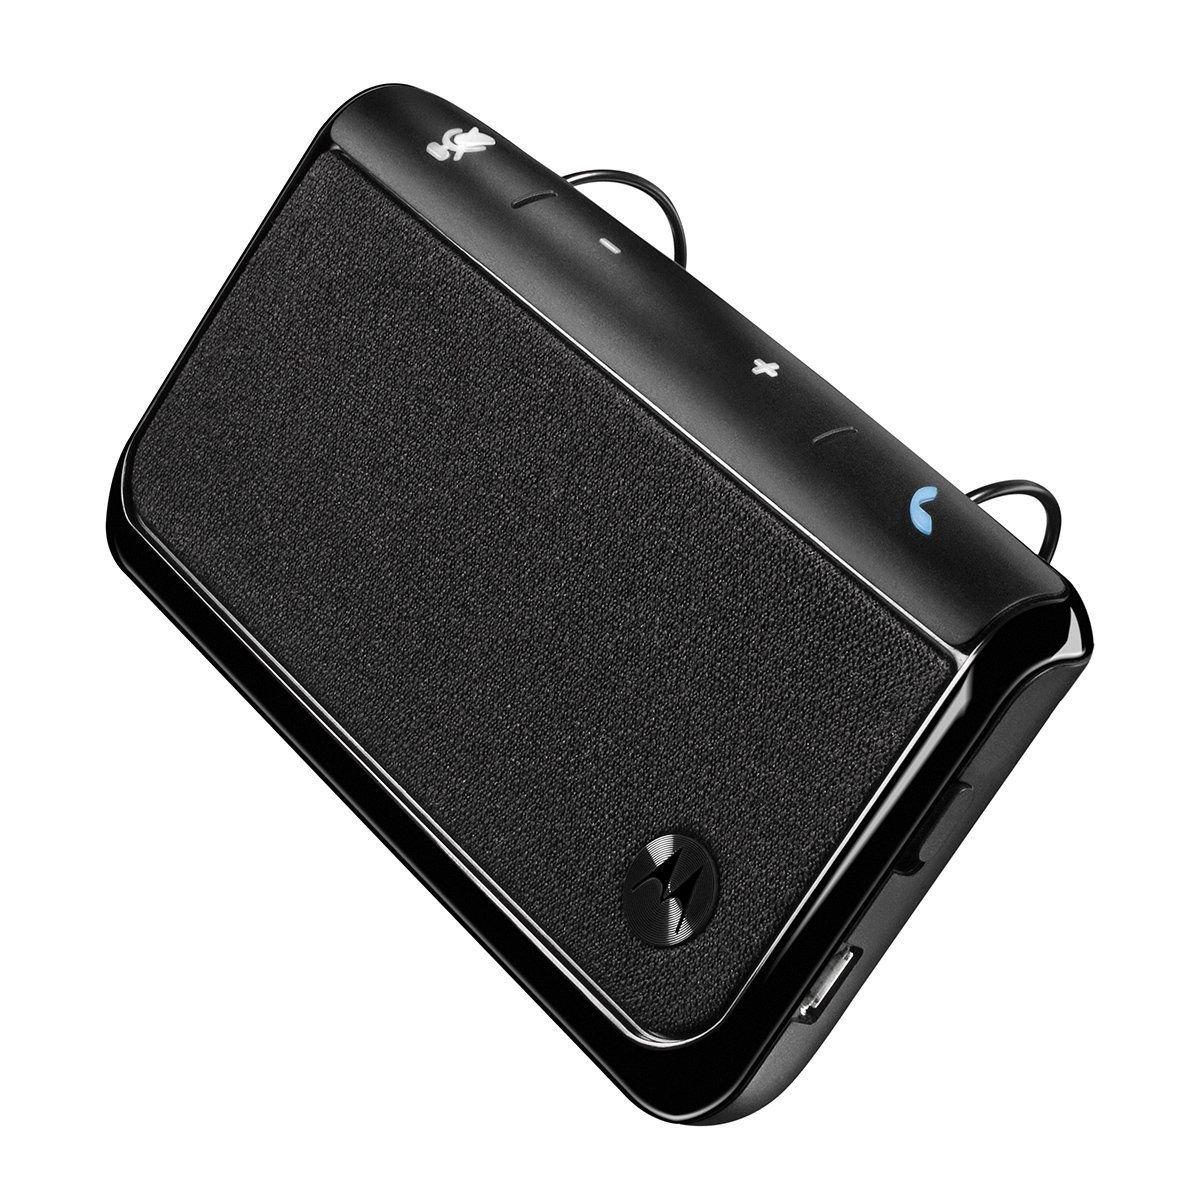 Motorola TX500 Universal Bluetooth In-Car Speakerphone CarKit (Renewed)